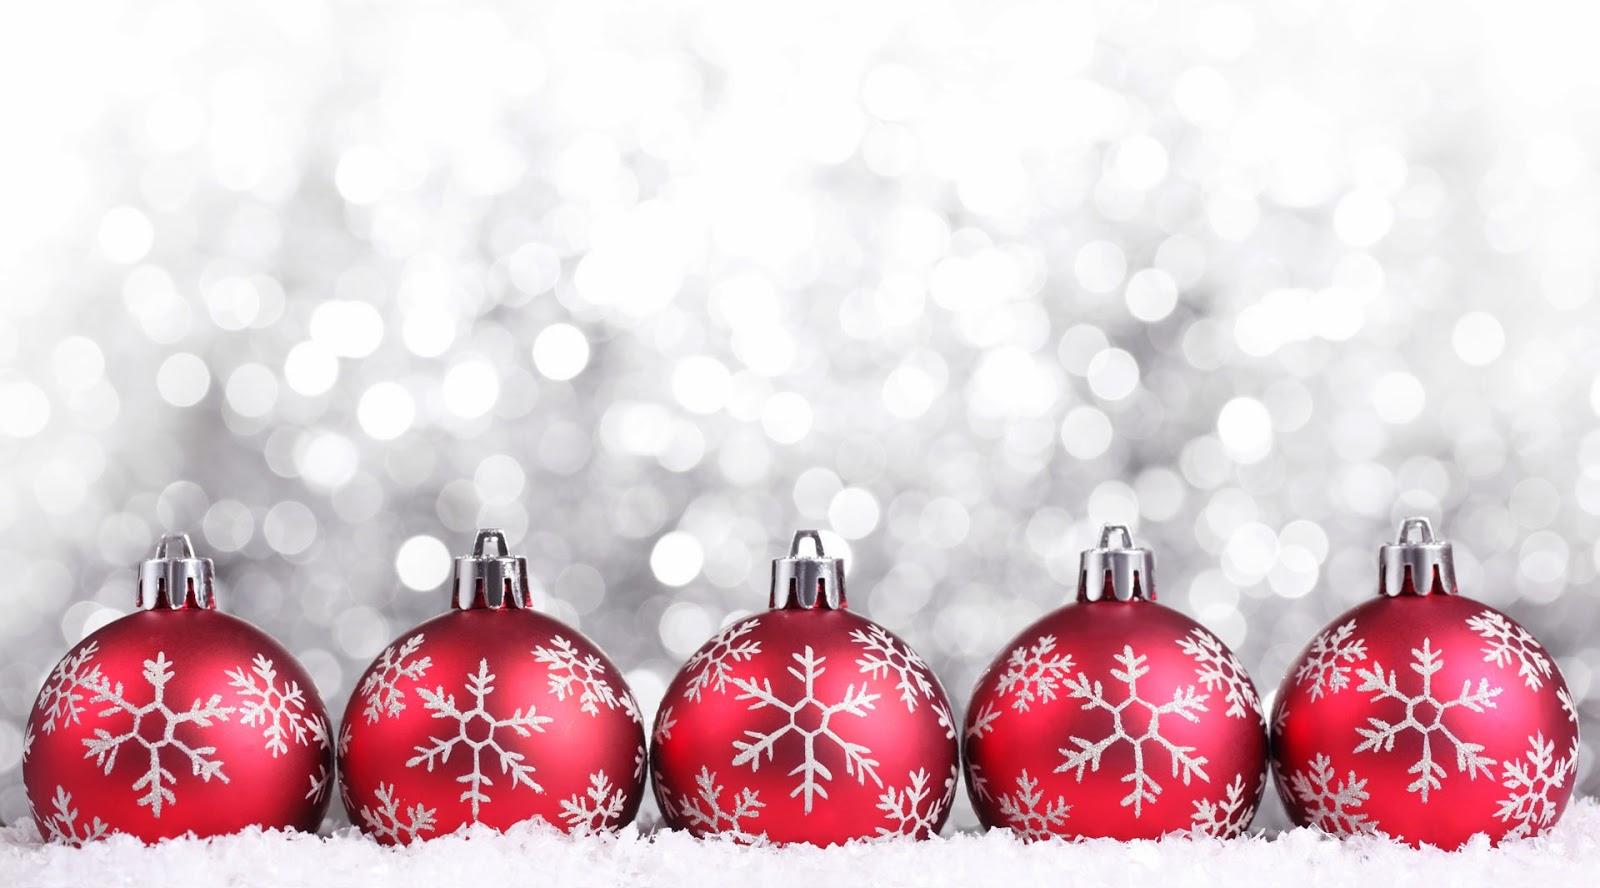 Vianočné nákupy a všetko možné okolo:)